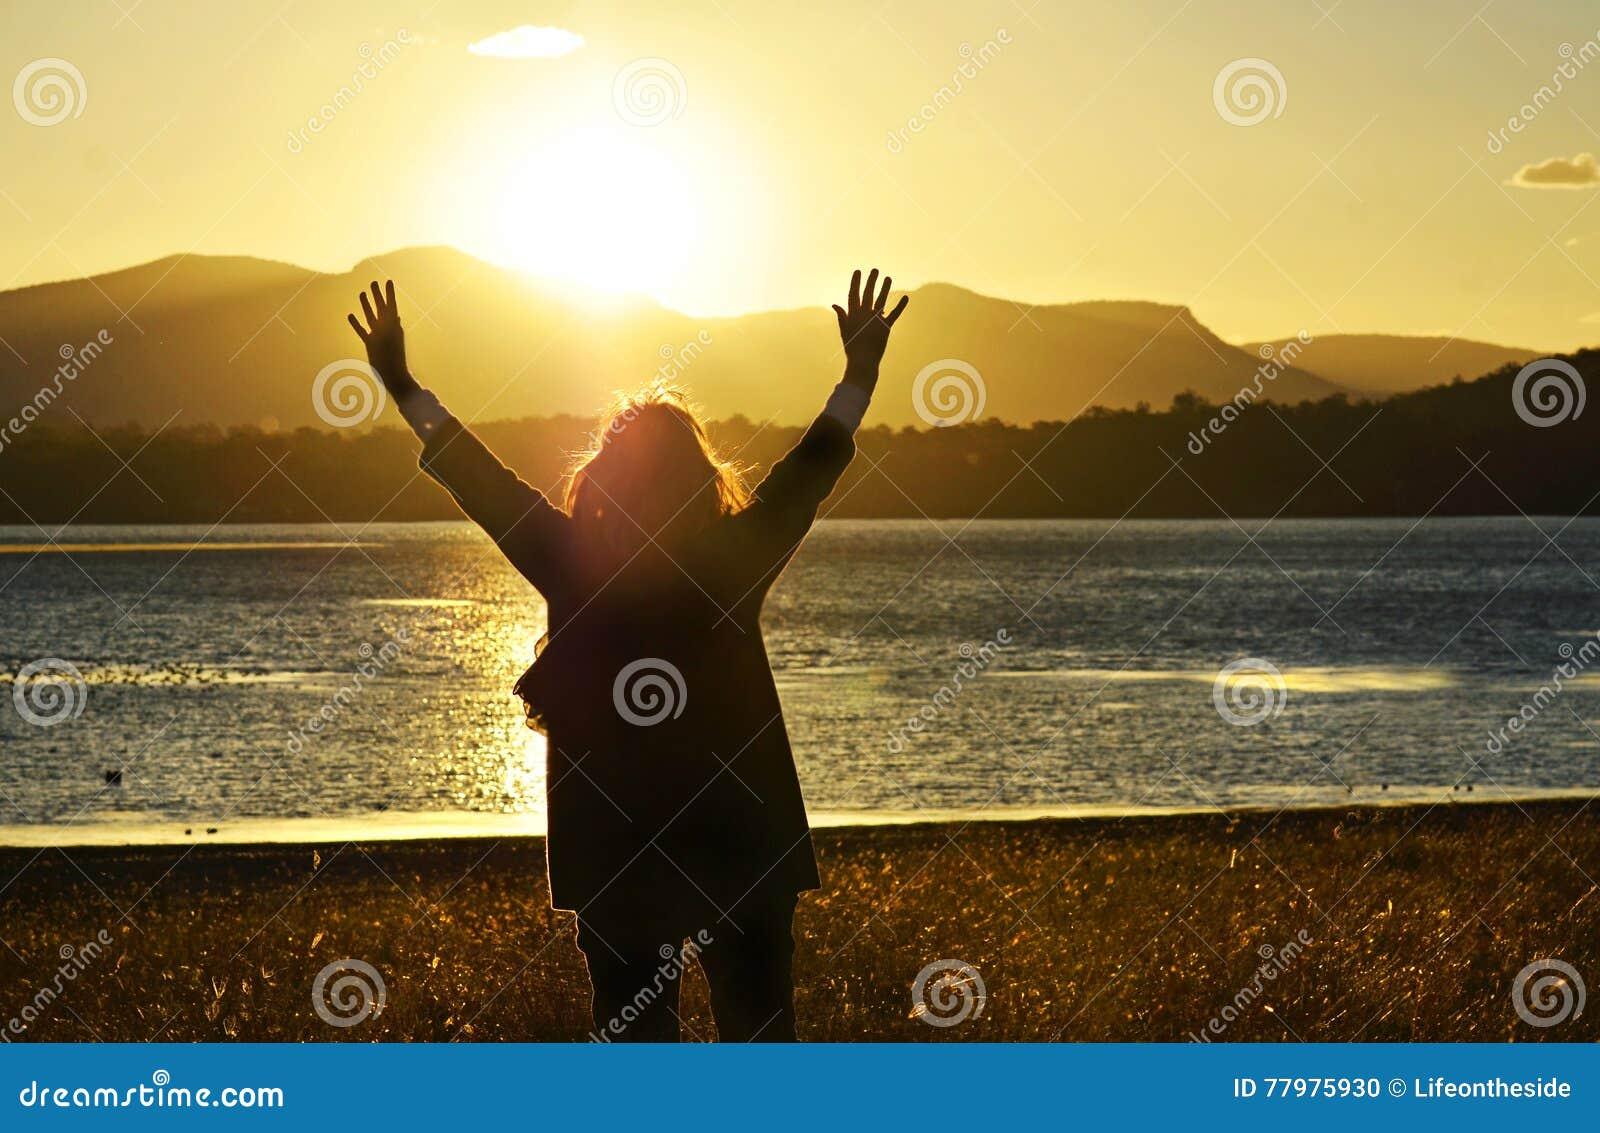 Woman worshiping god photos